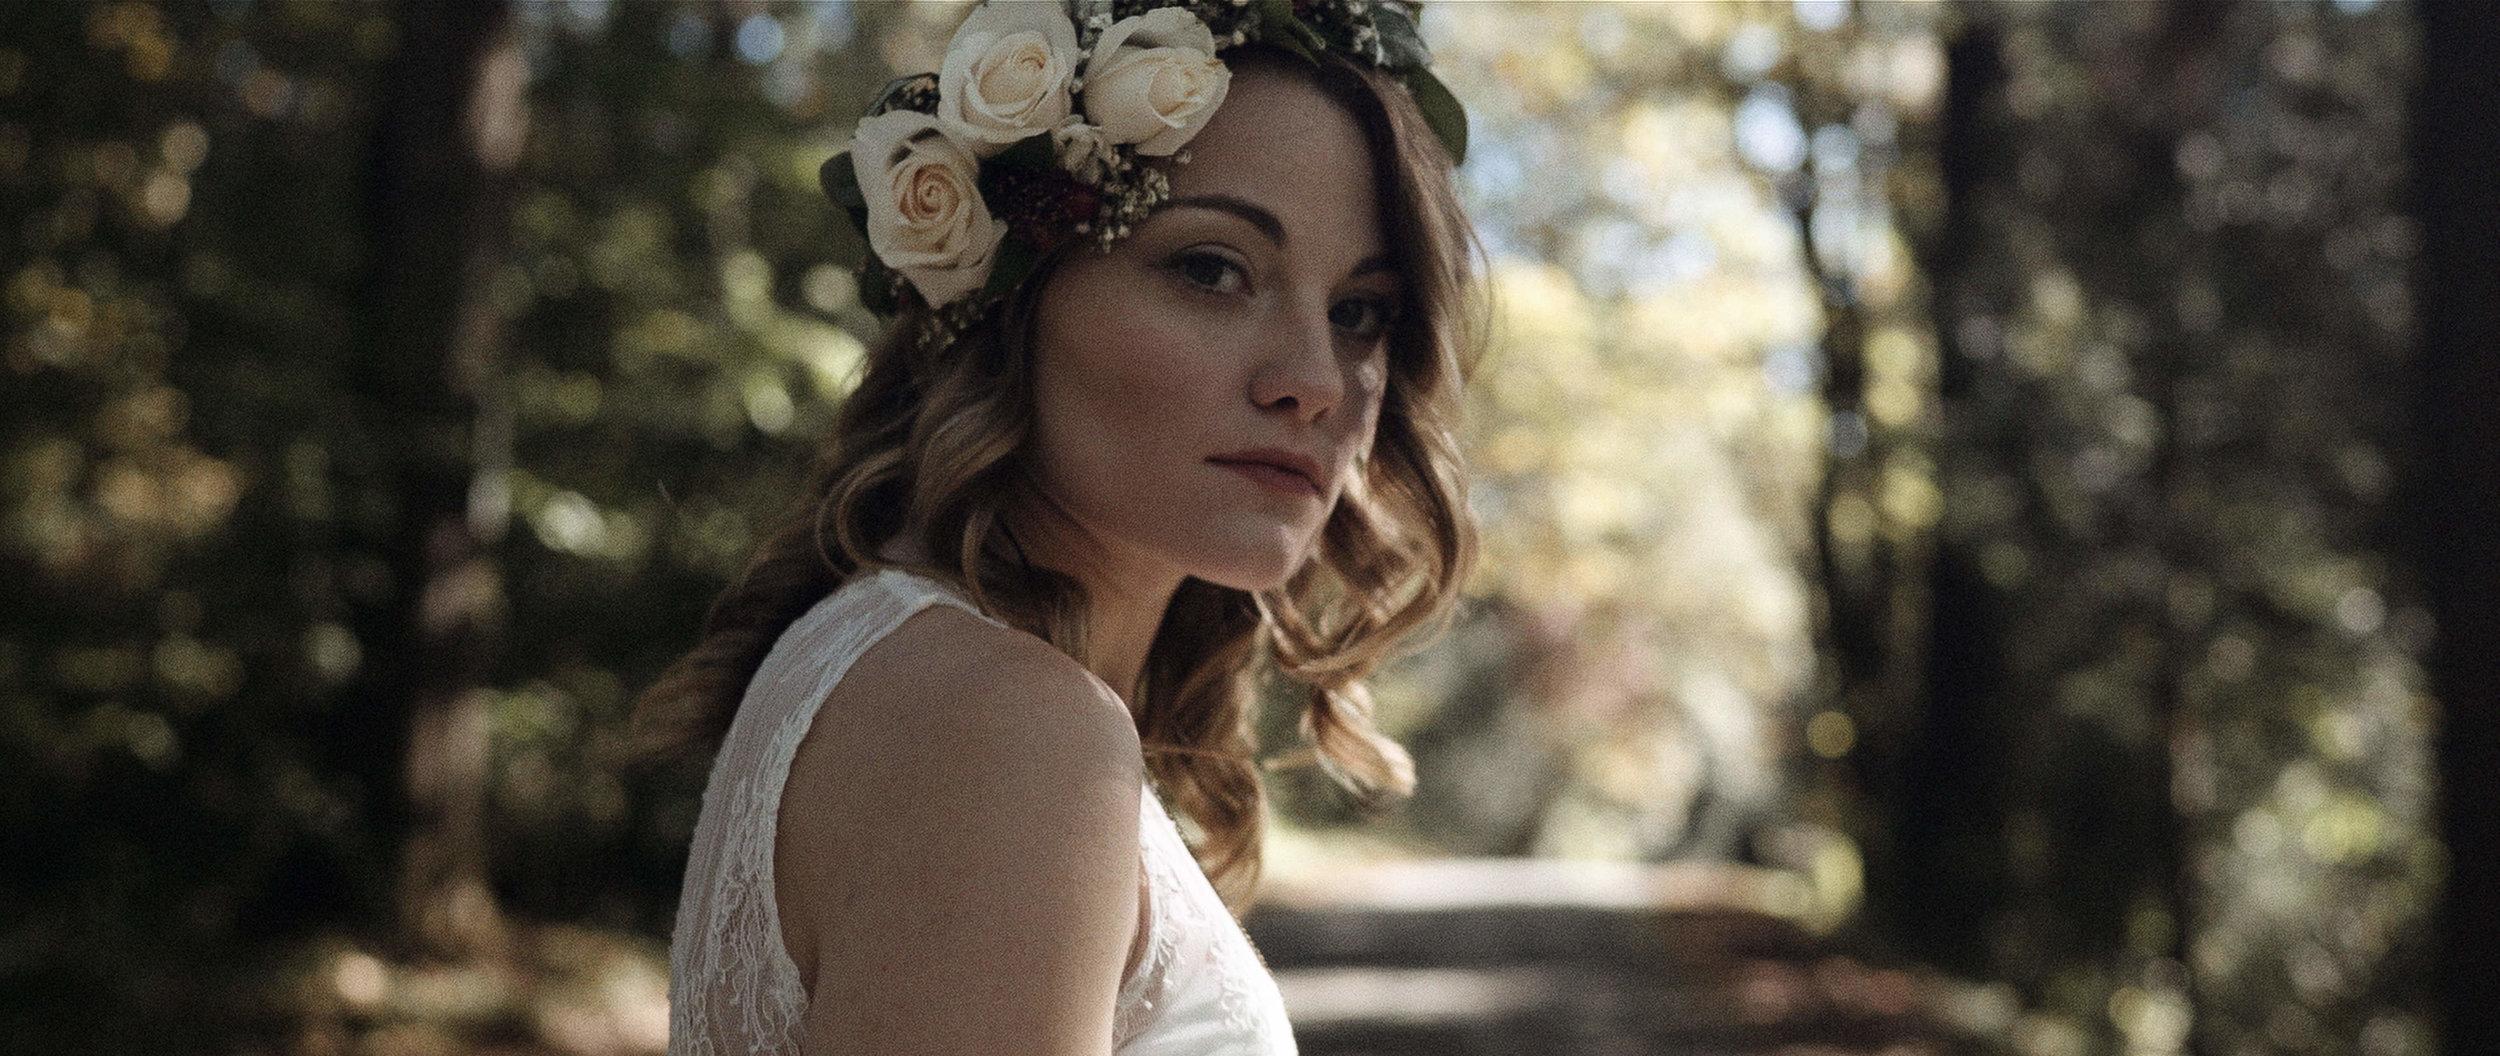 vancouver-wedding-cinematography174.jpg